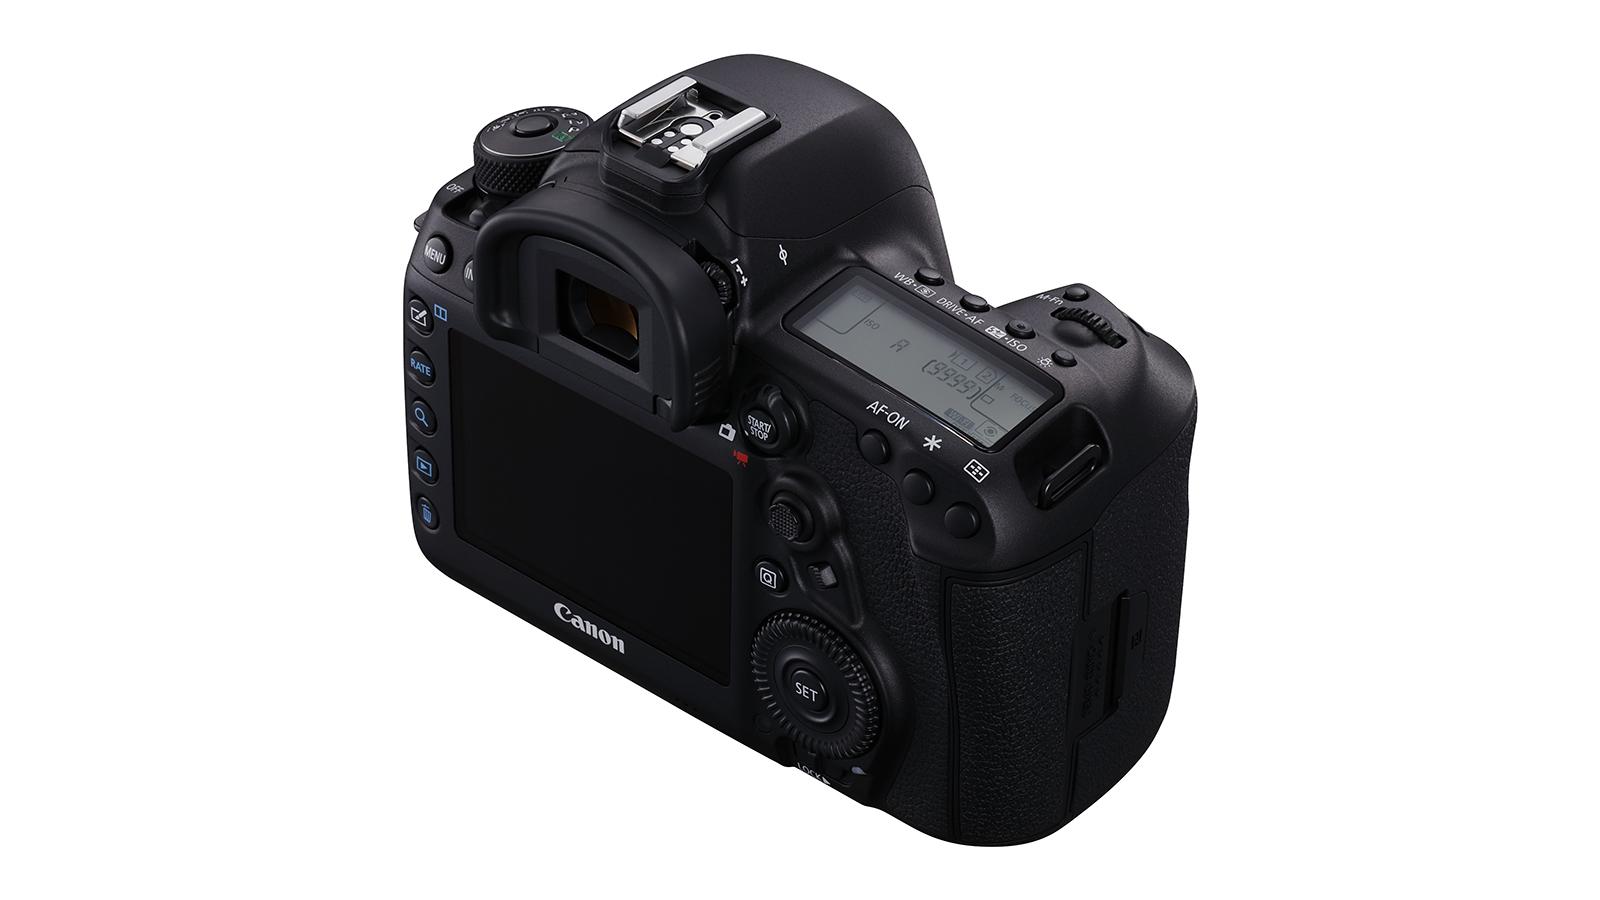 canon-eos-5d-mark-IV-007-pealt2